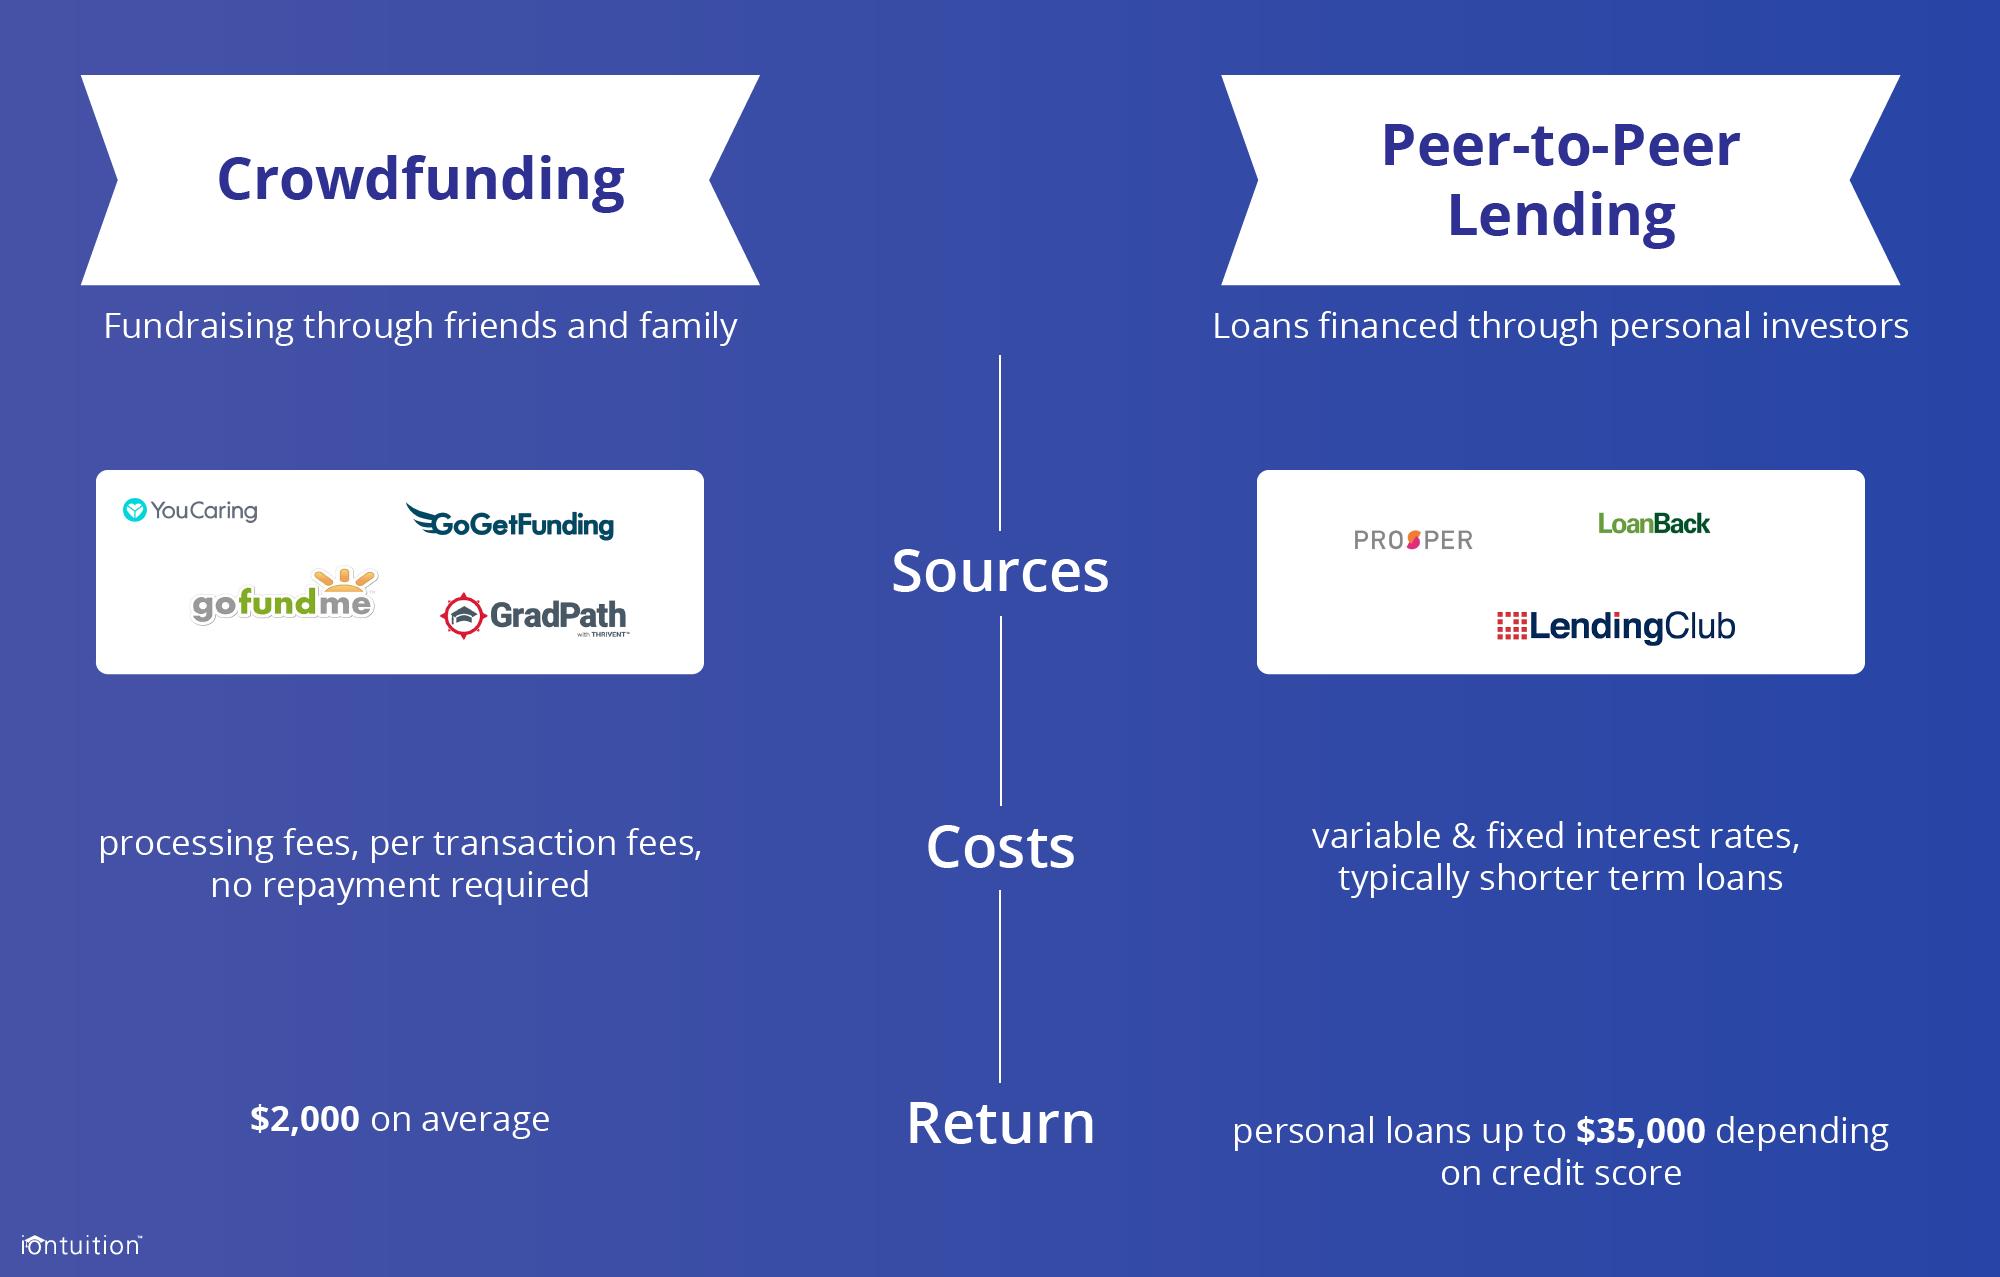 Crowdfunding vs Peer-to-Peer Lending